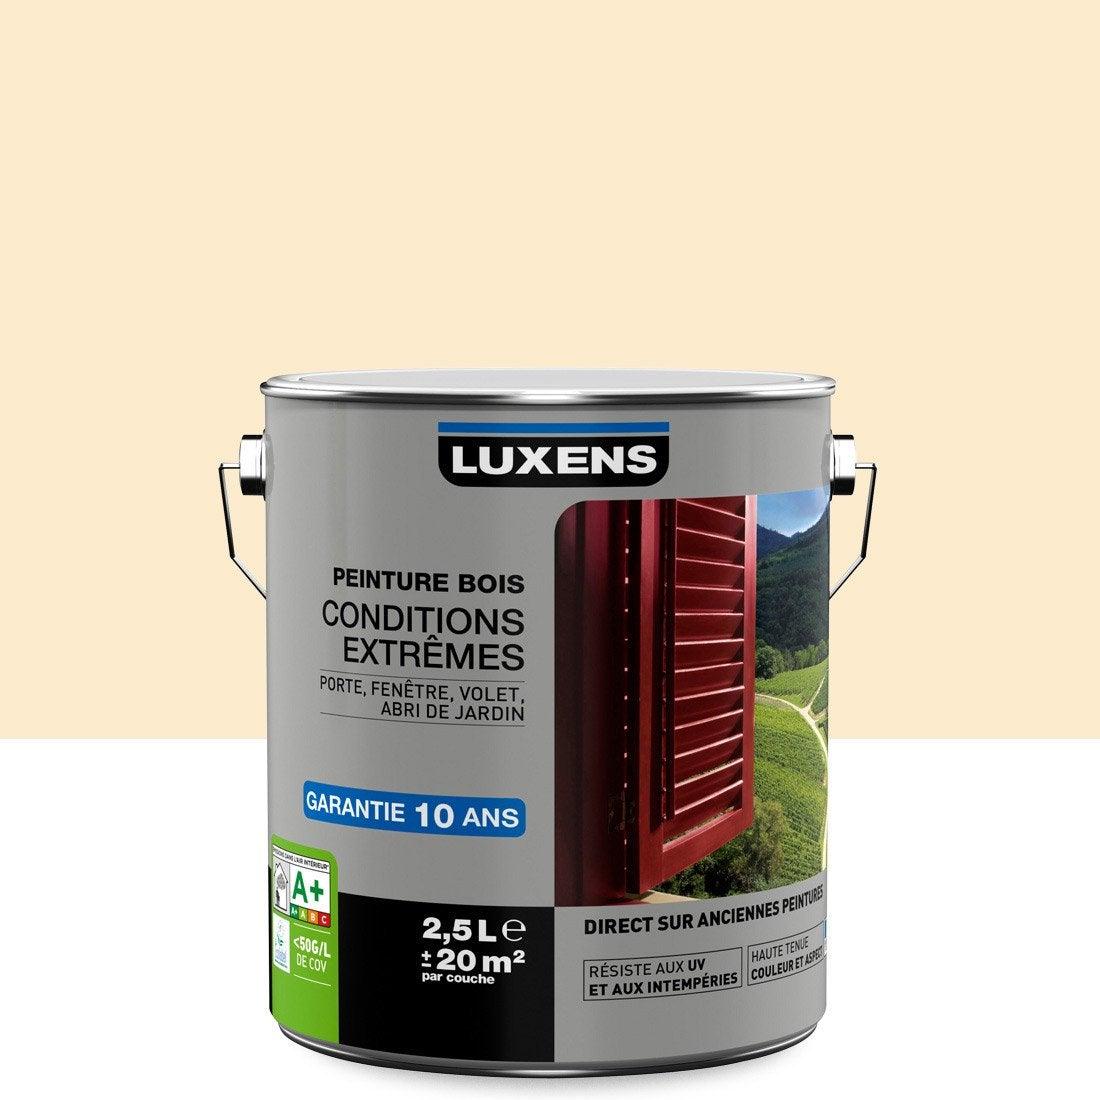 Peinture Bois Extérieur Conditions Extrêmes Luxens Sable Clair 25